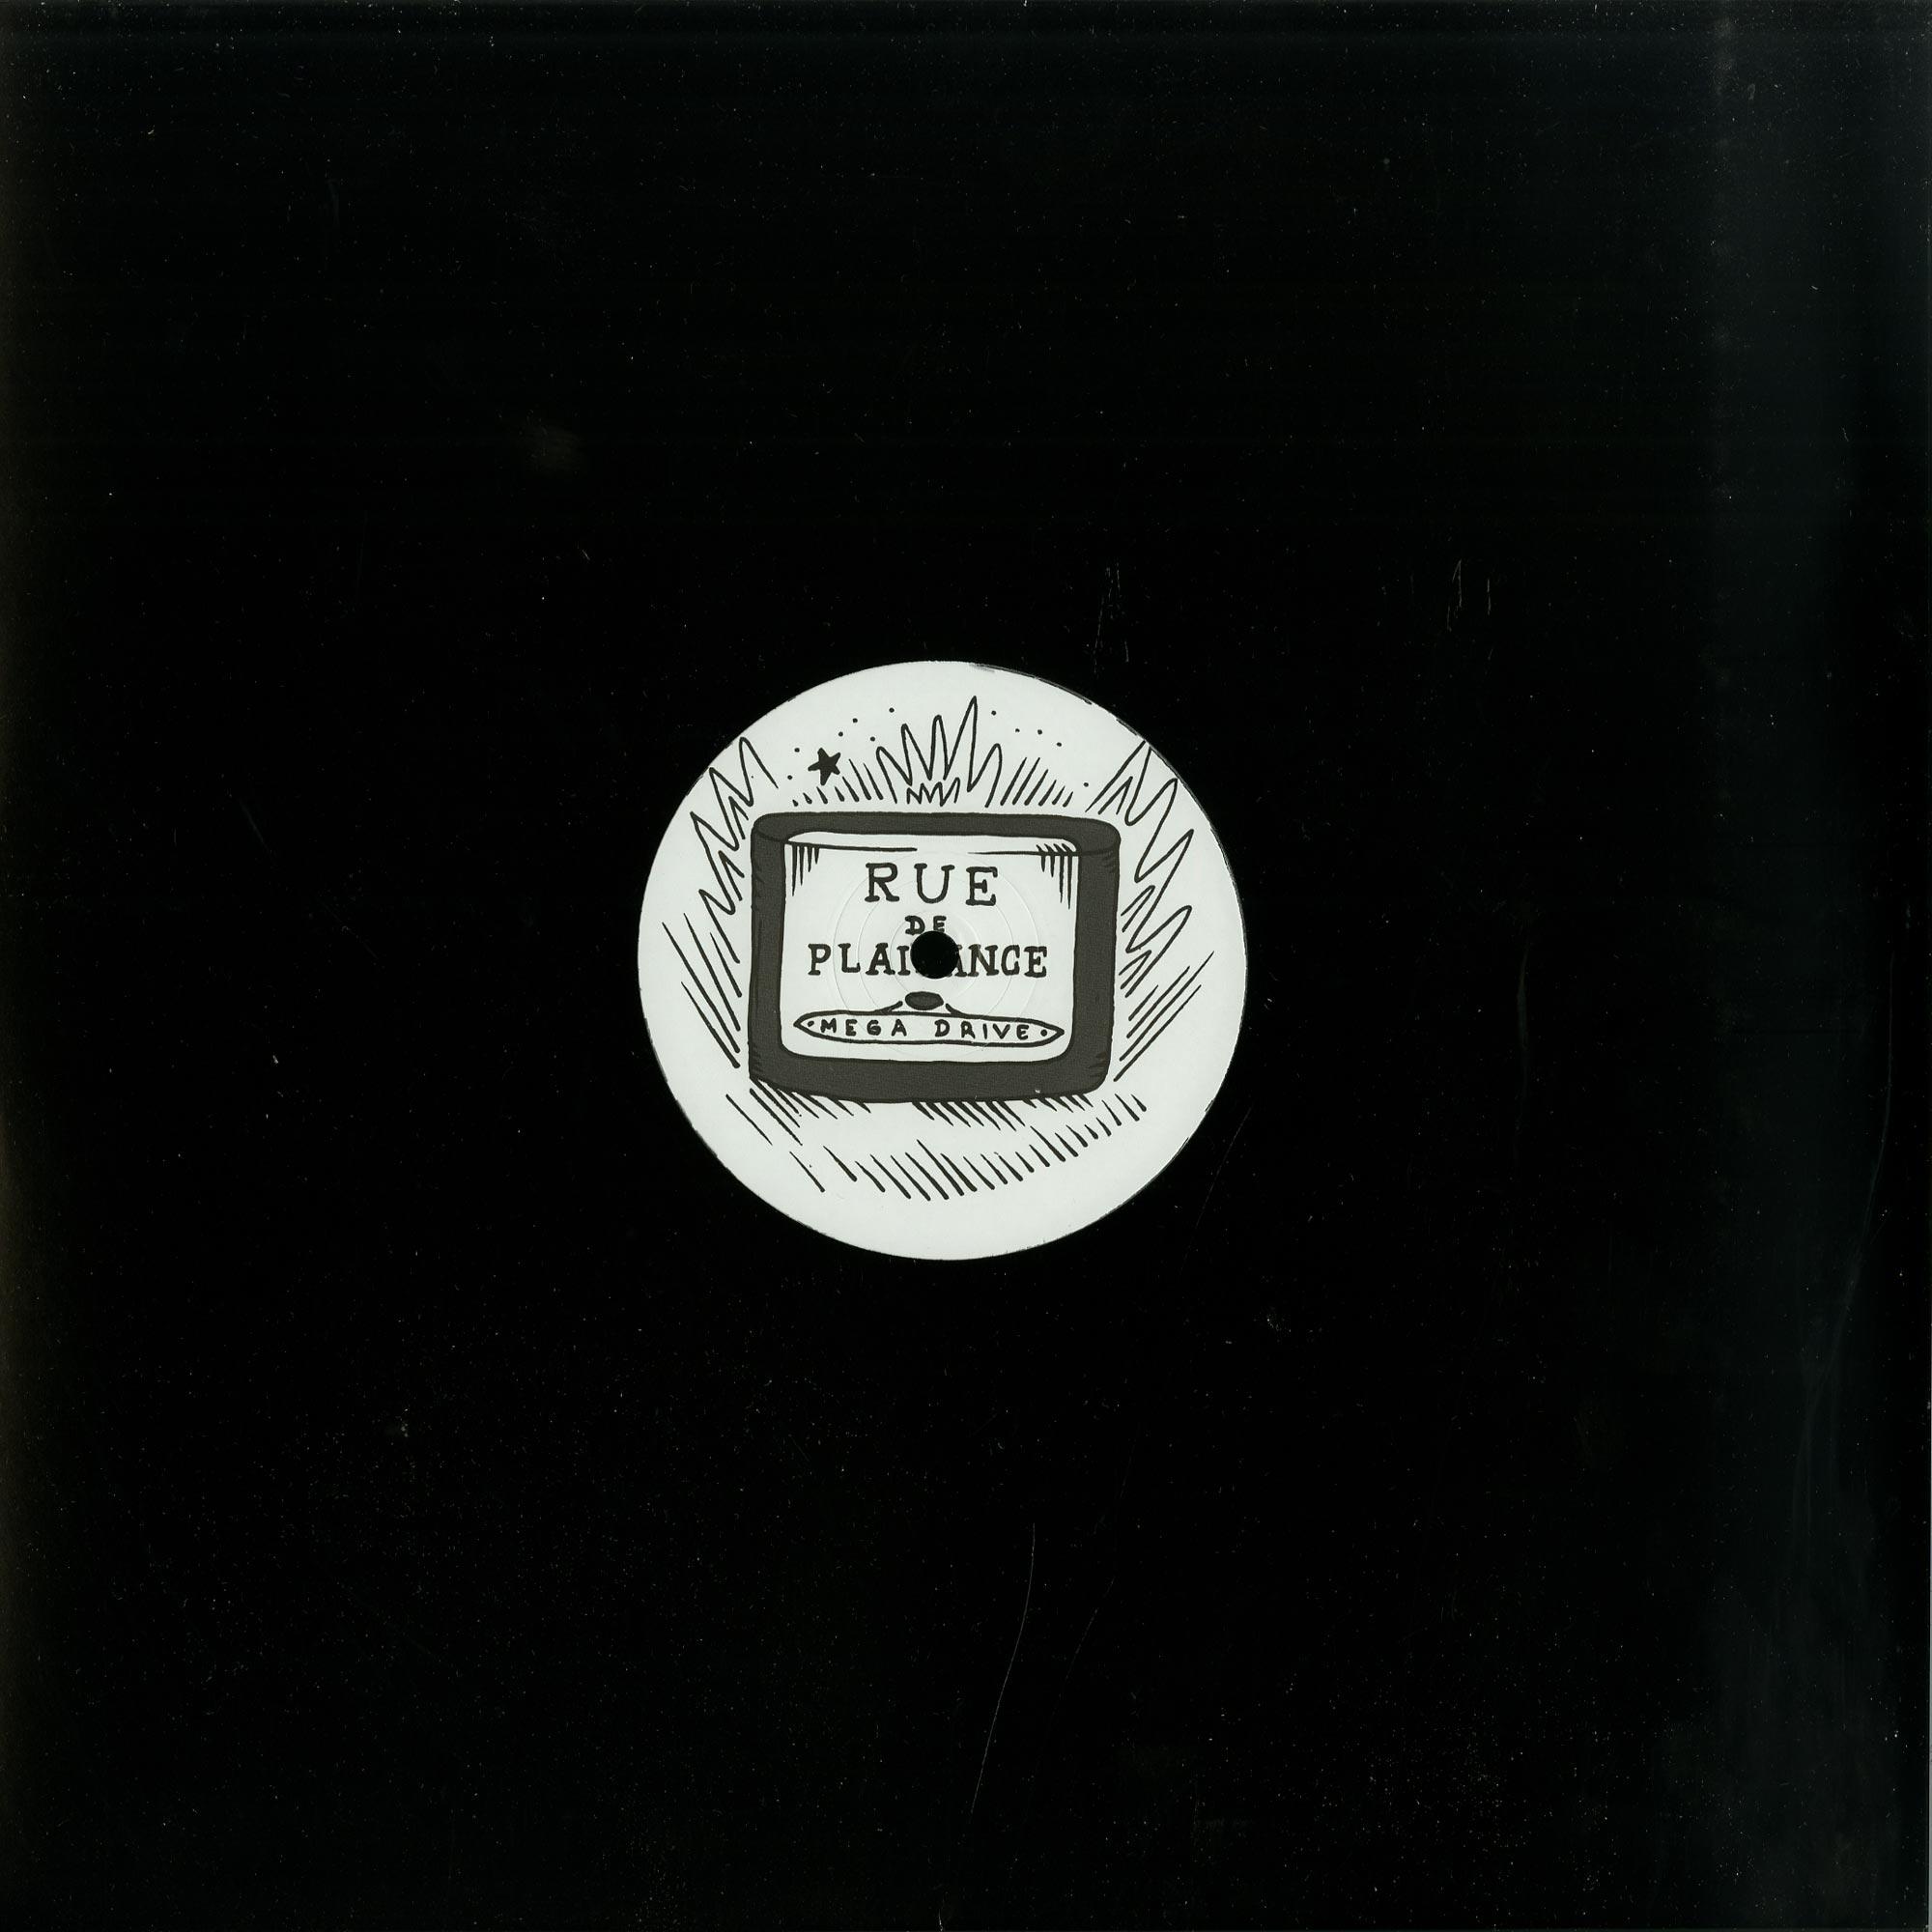 OCB - MEGADRIVE EP